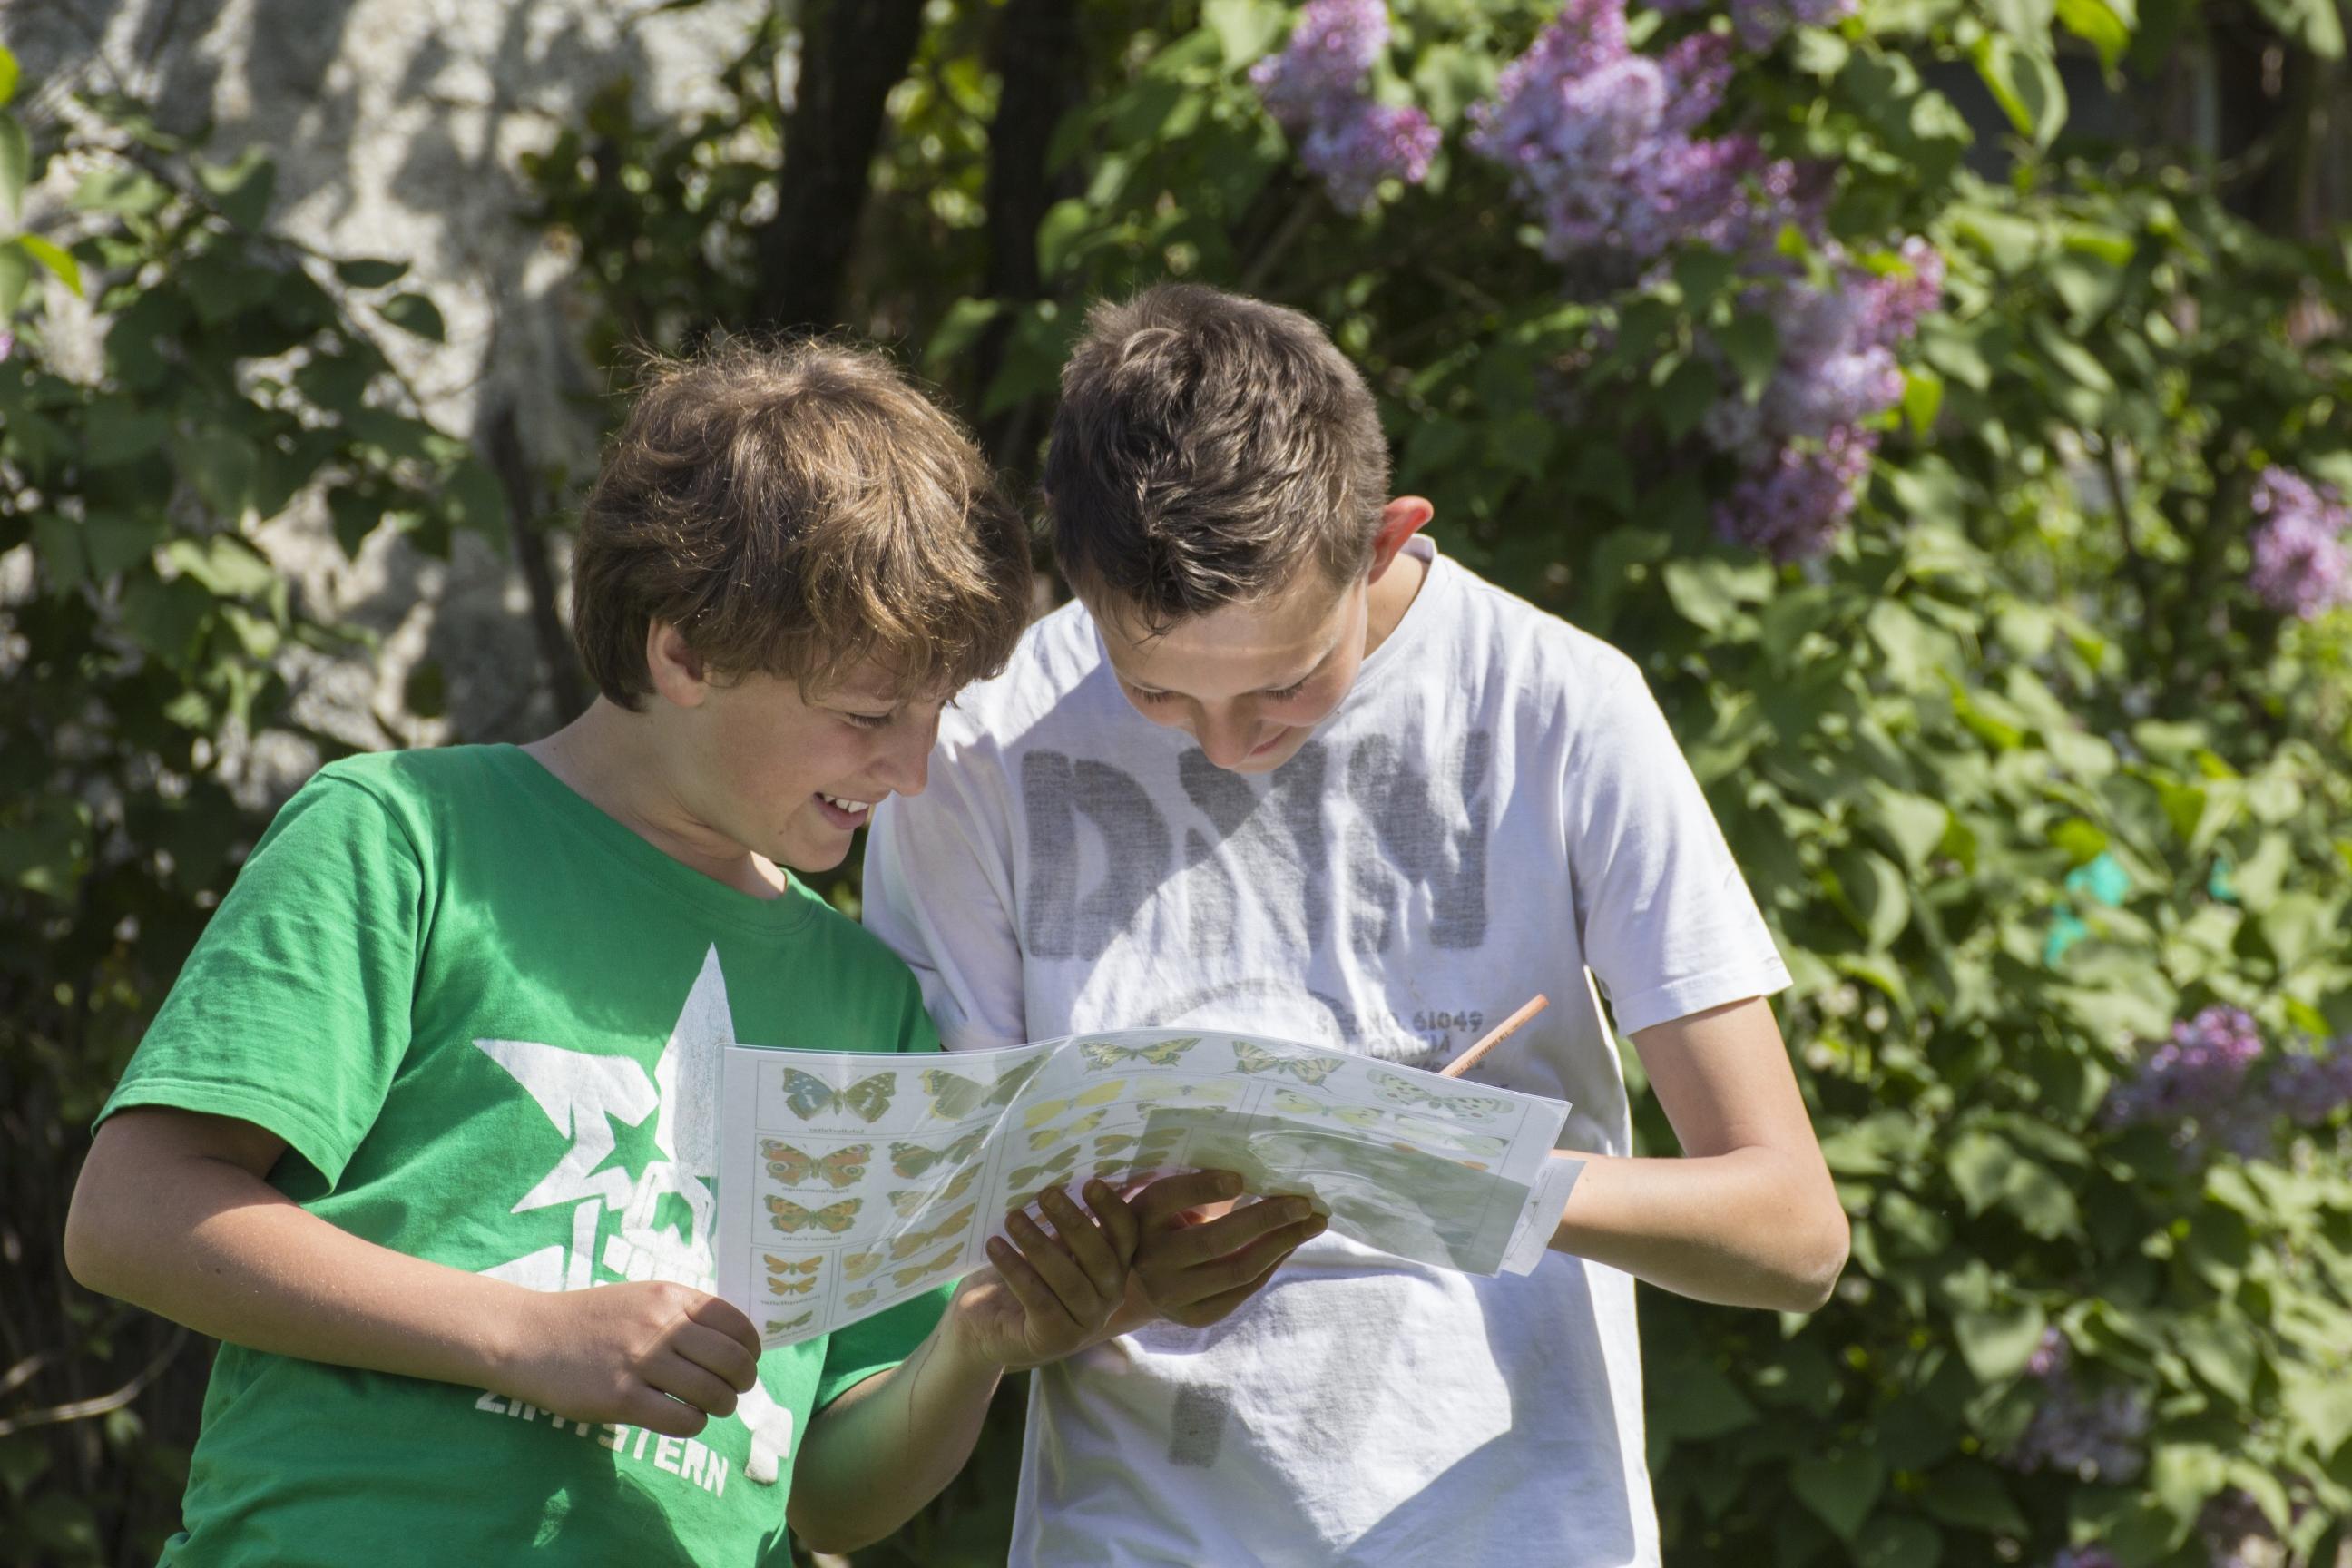 Jugendliche Beim Beobachten Von Tagfalter.